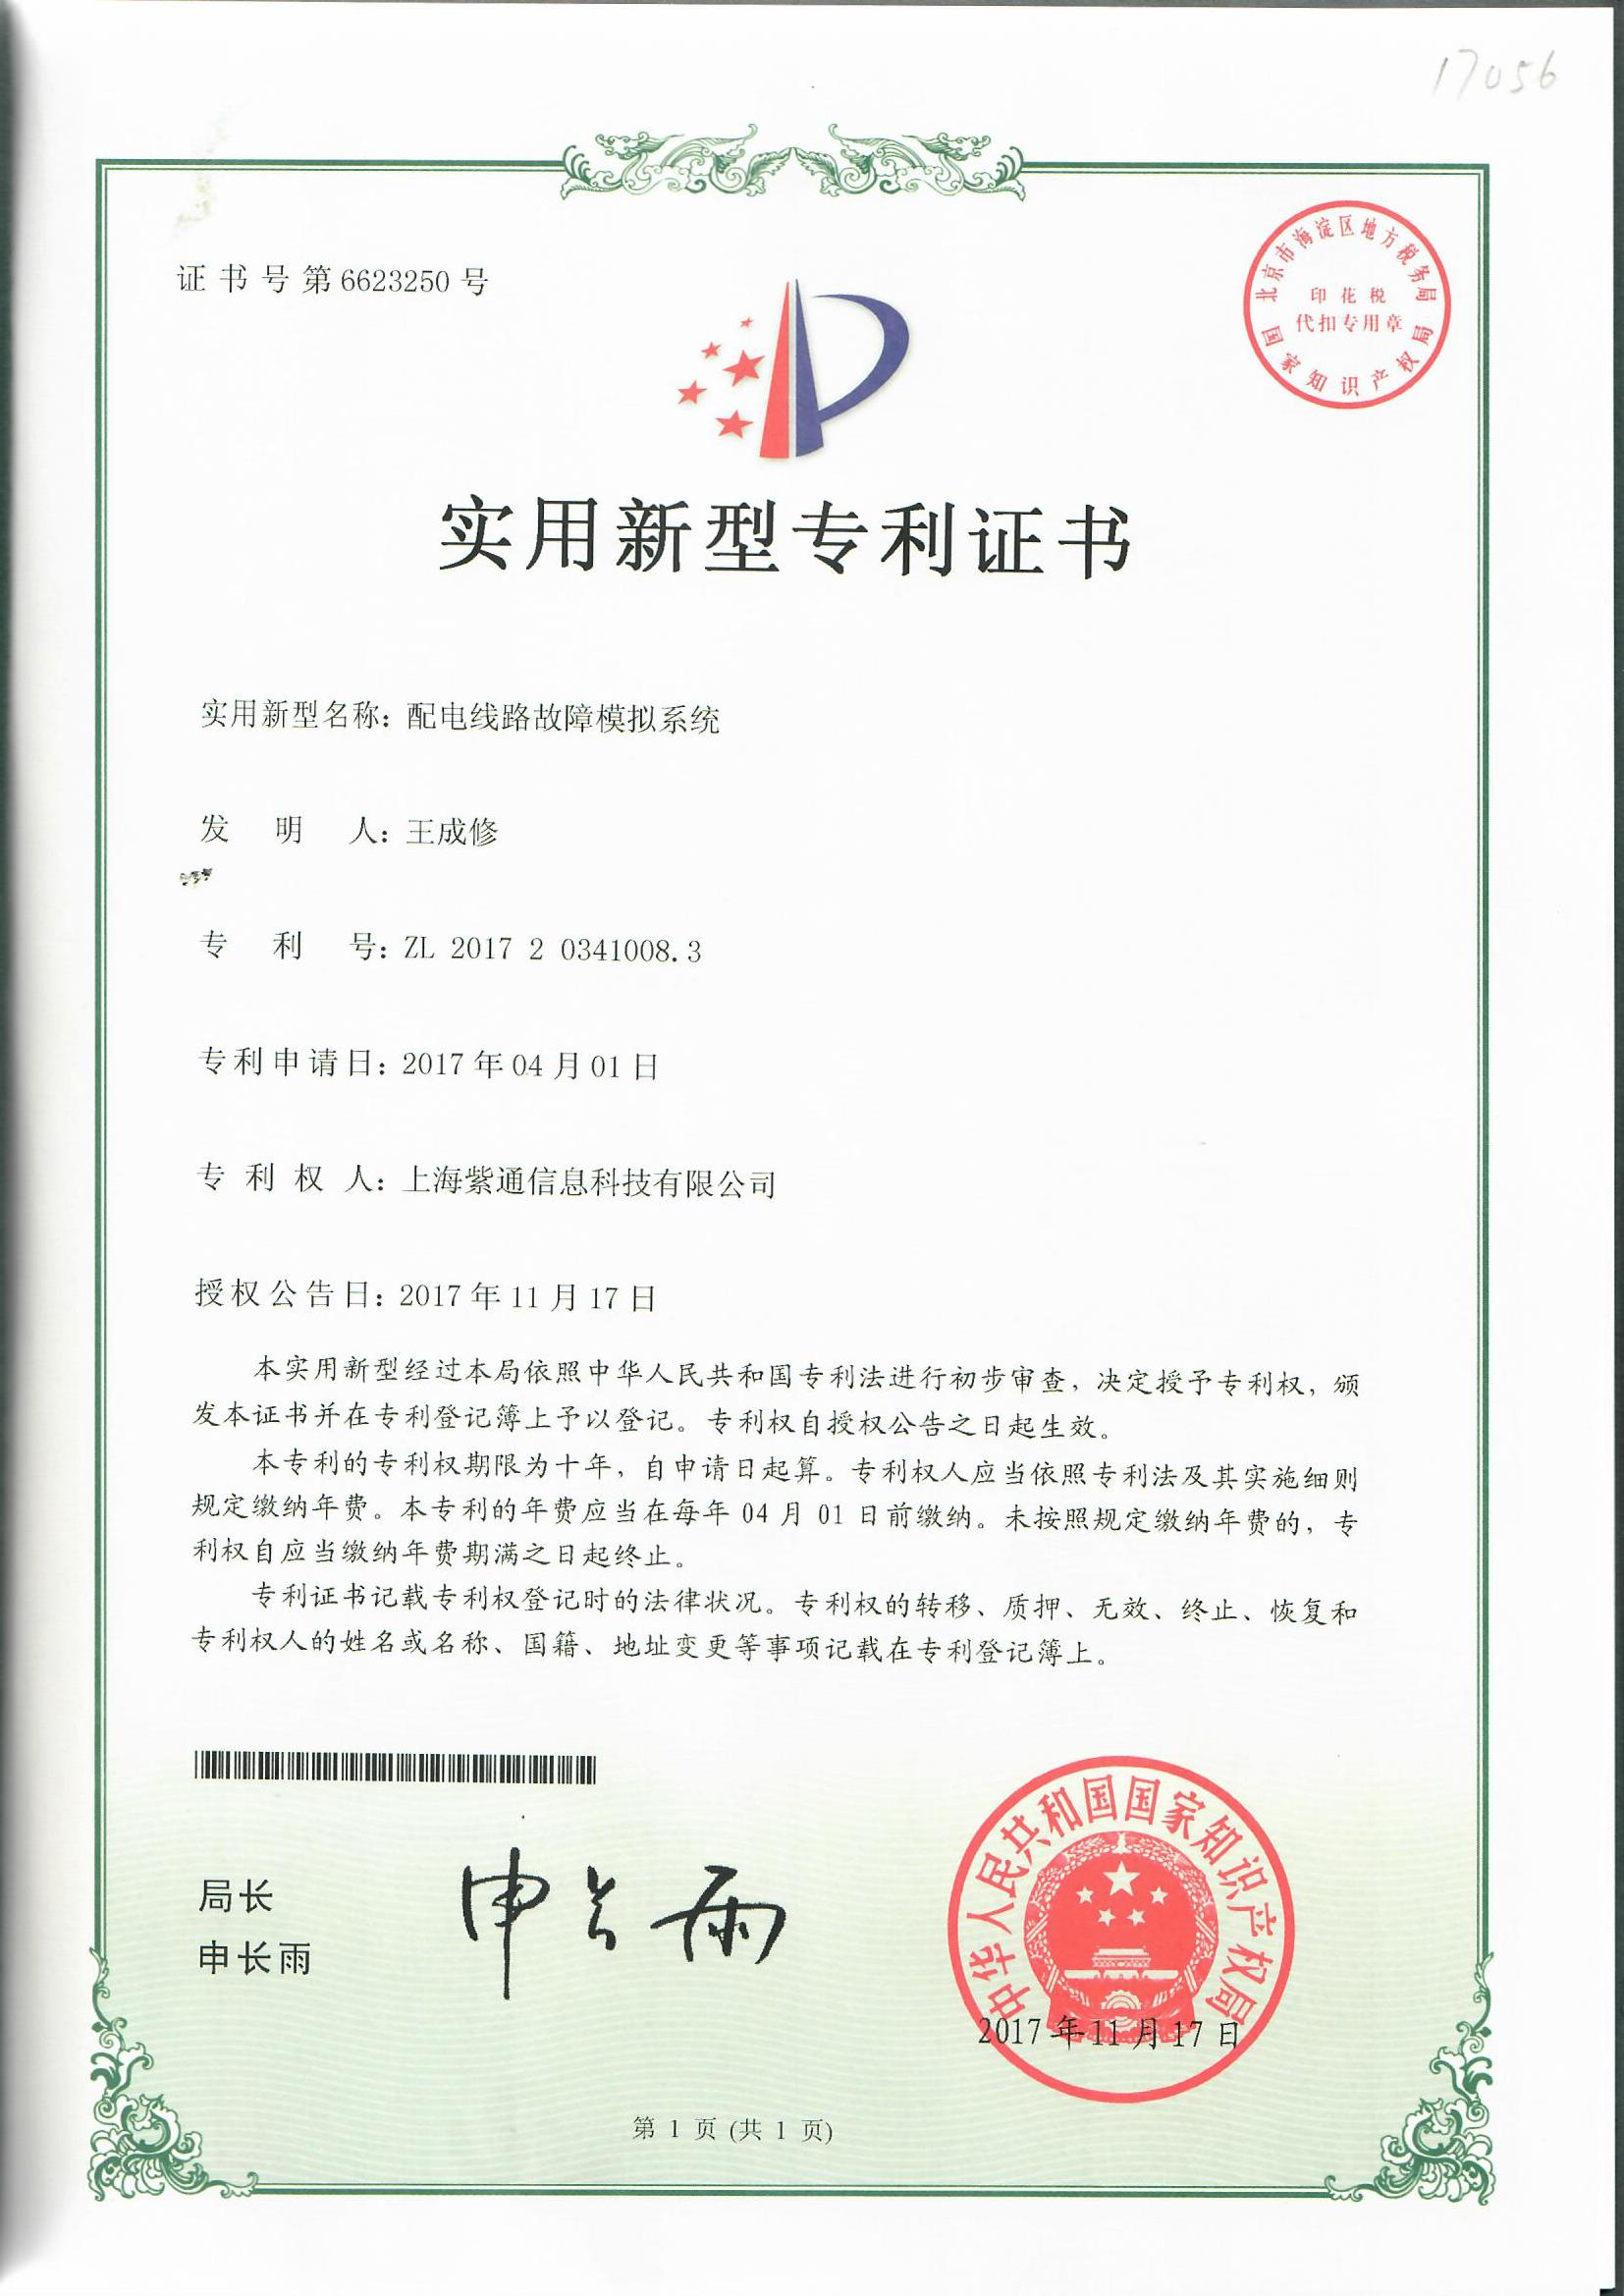 配电线路故障模拟系统实用新型专利证书